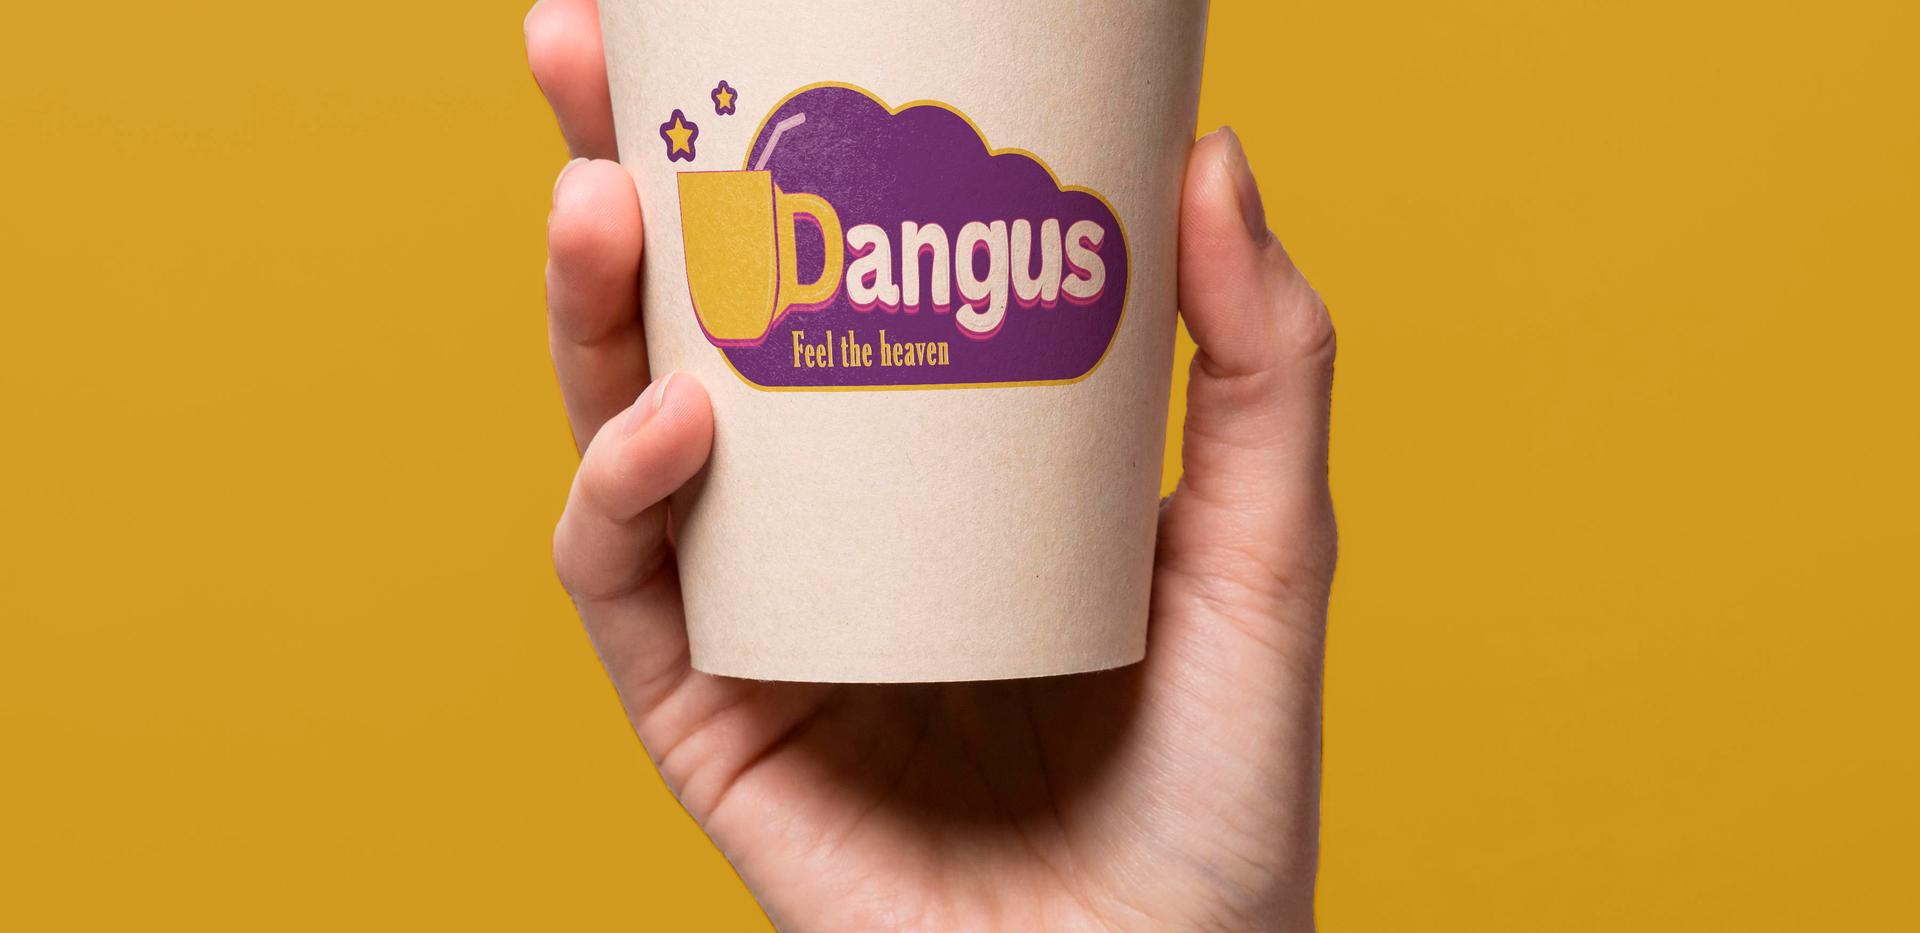 dangus yellow.png